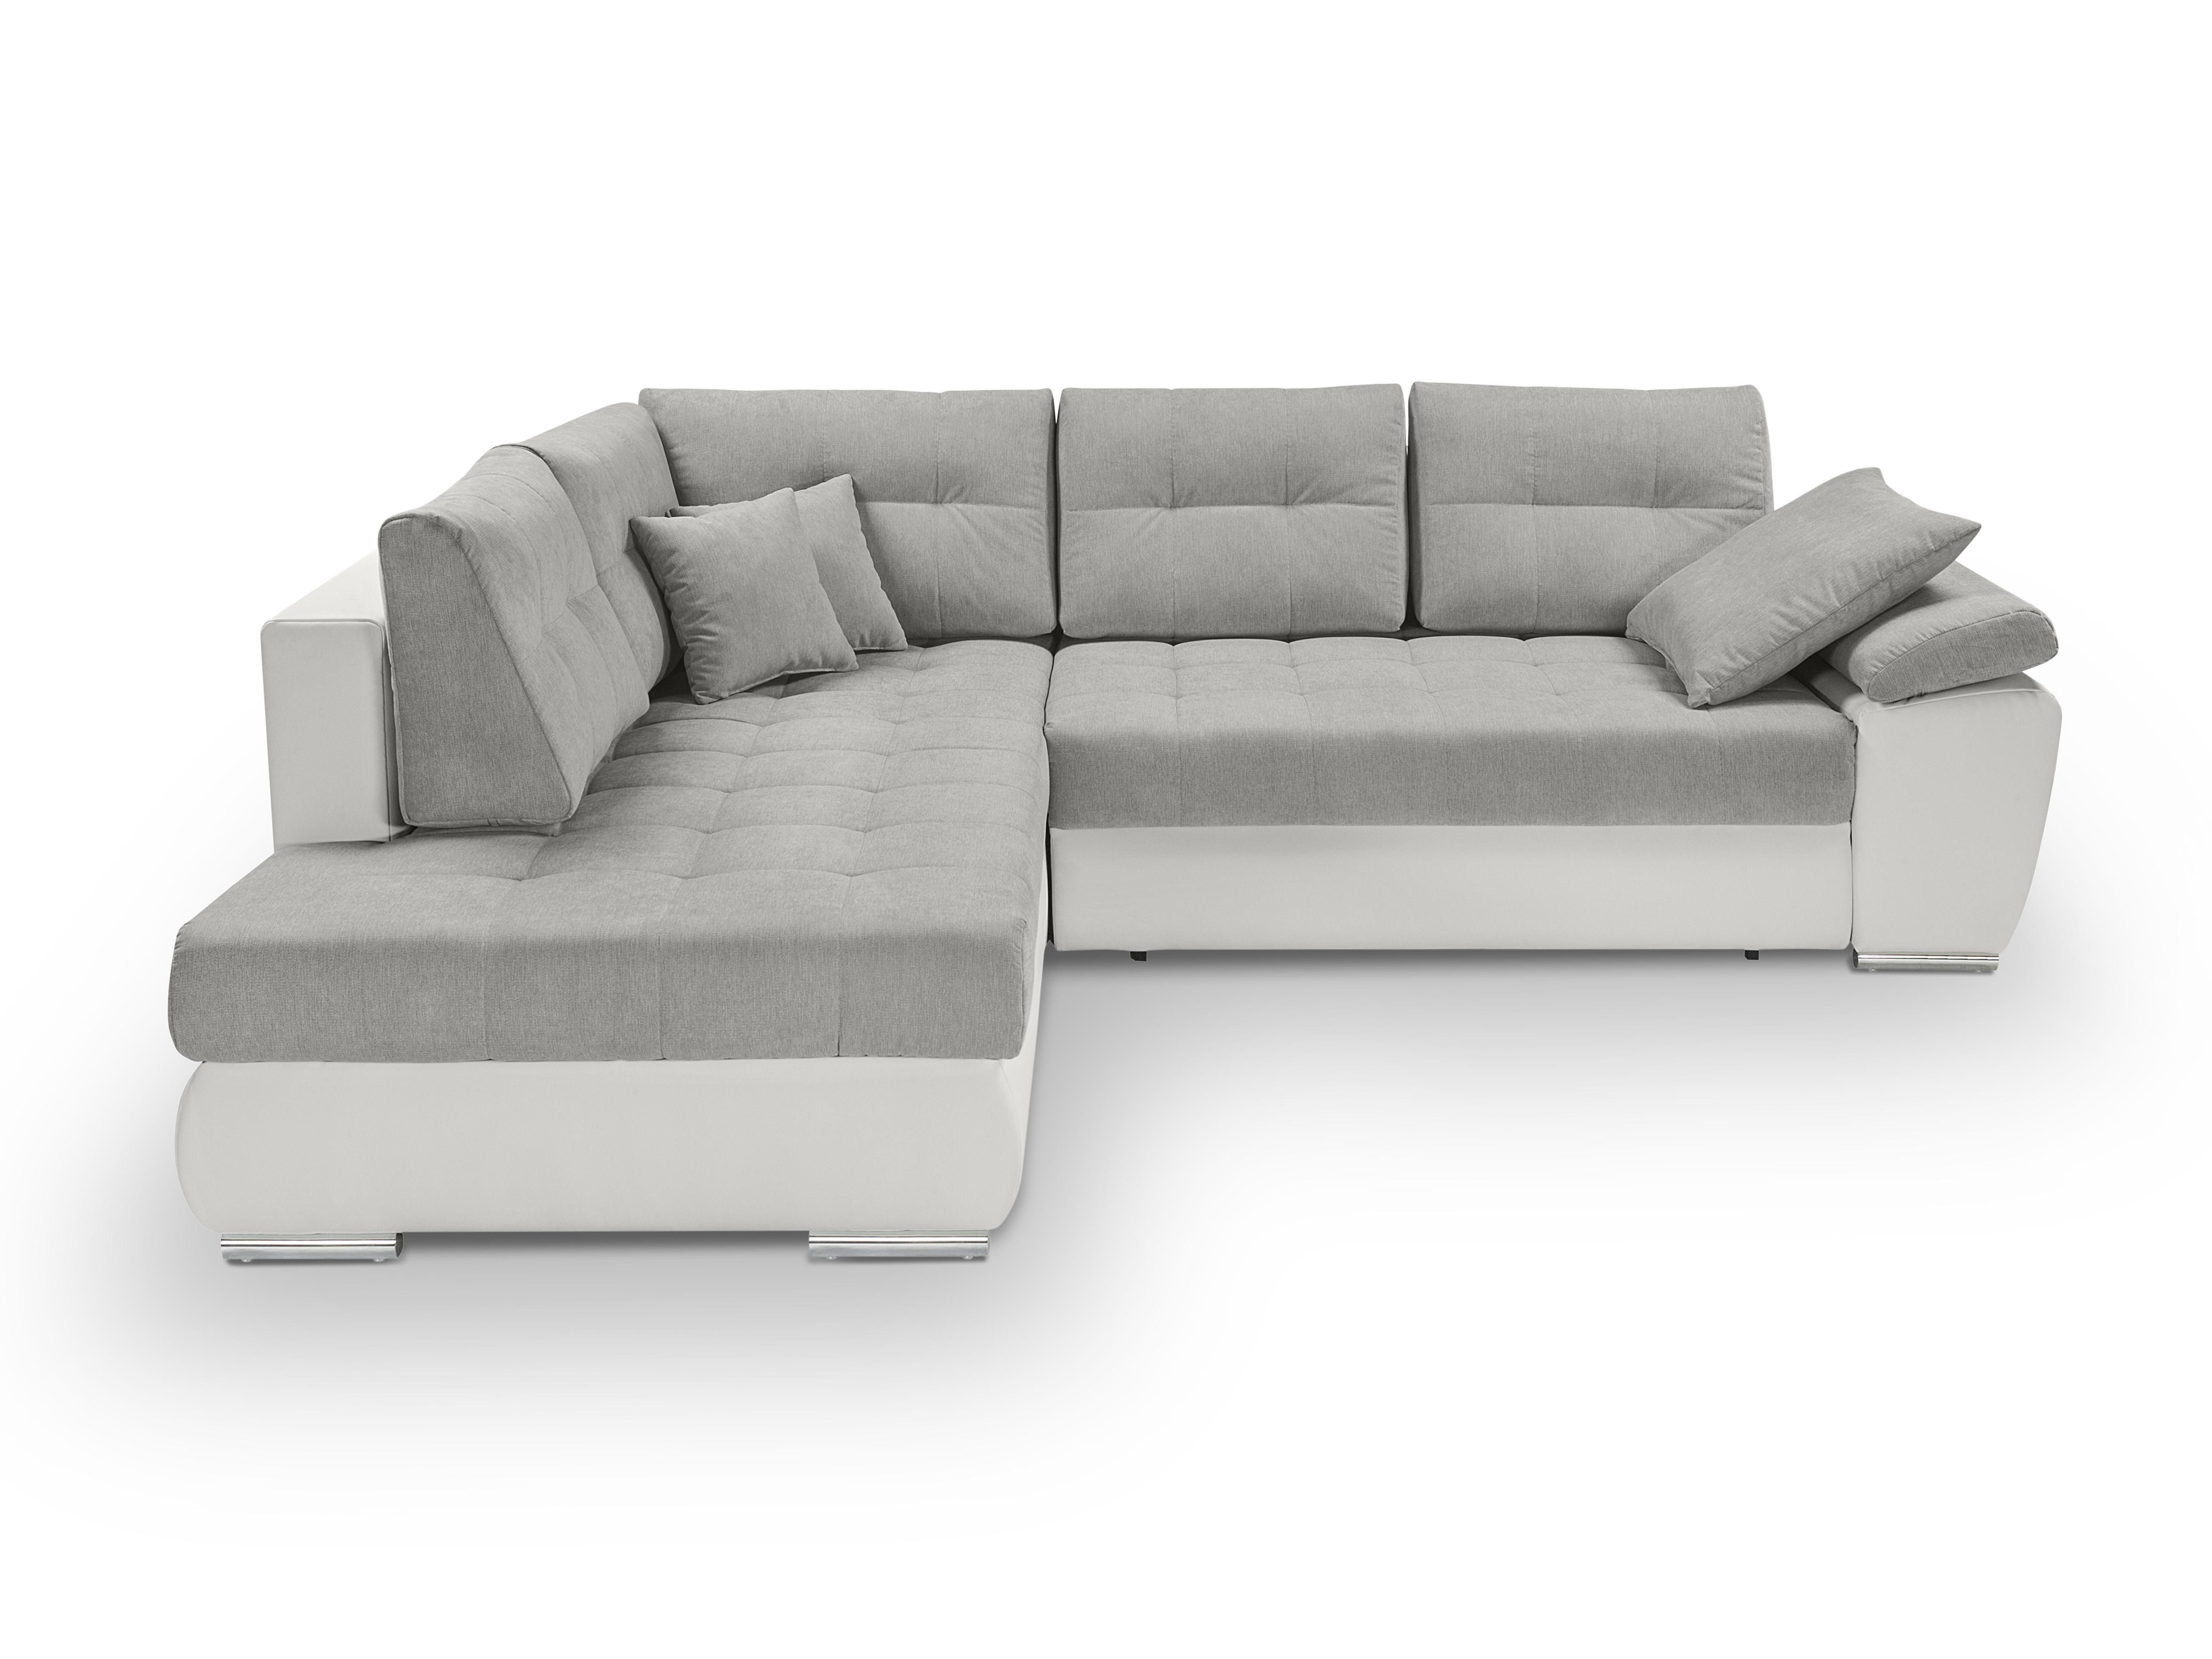 Rohová sedací souprava - BRW - Carl Lux 3DL.RECBK (šedá + bílá) (L)